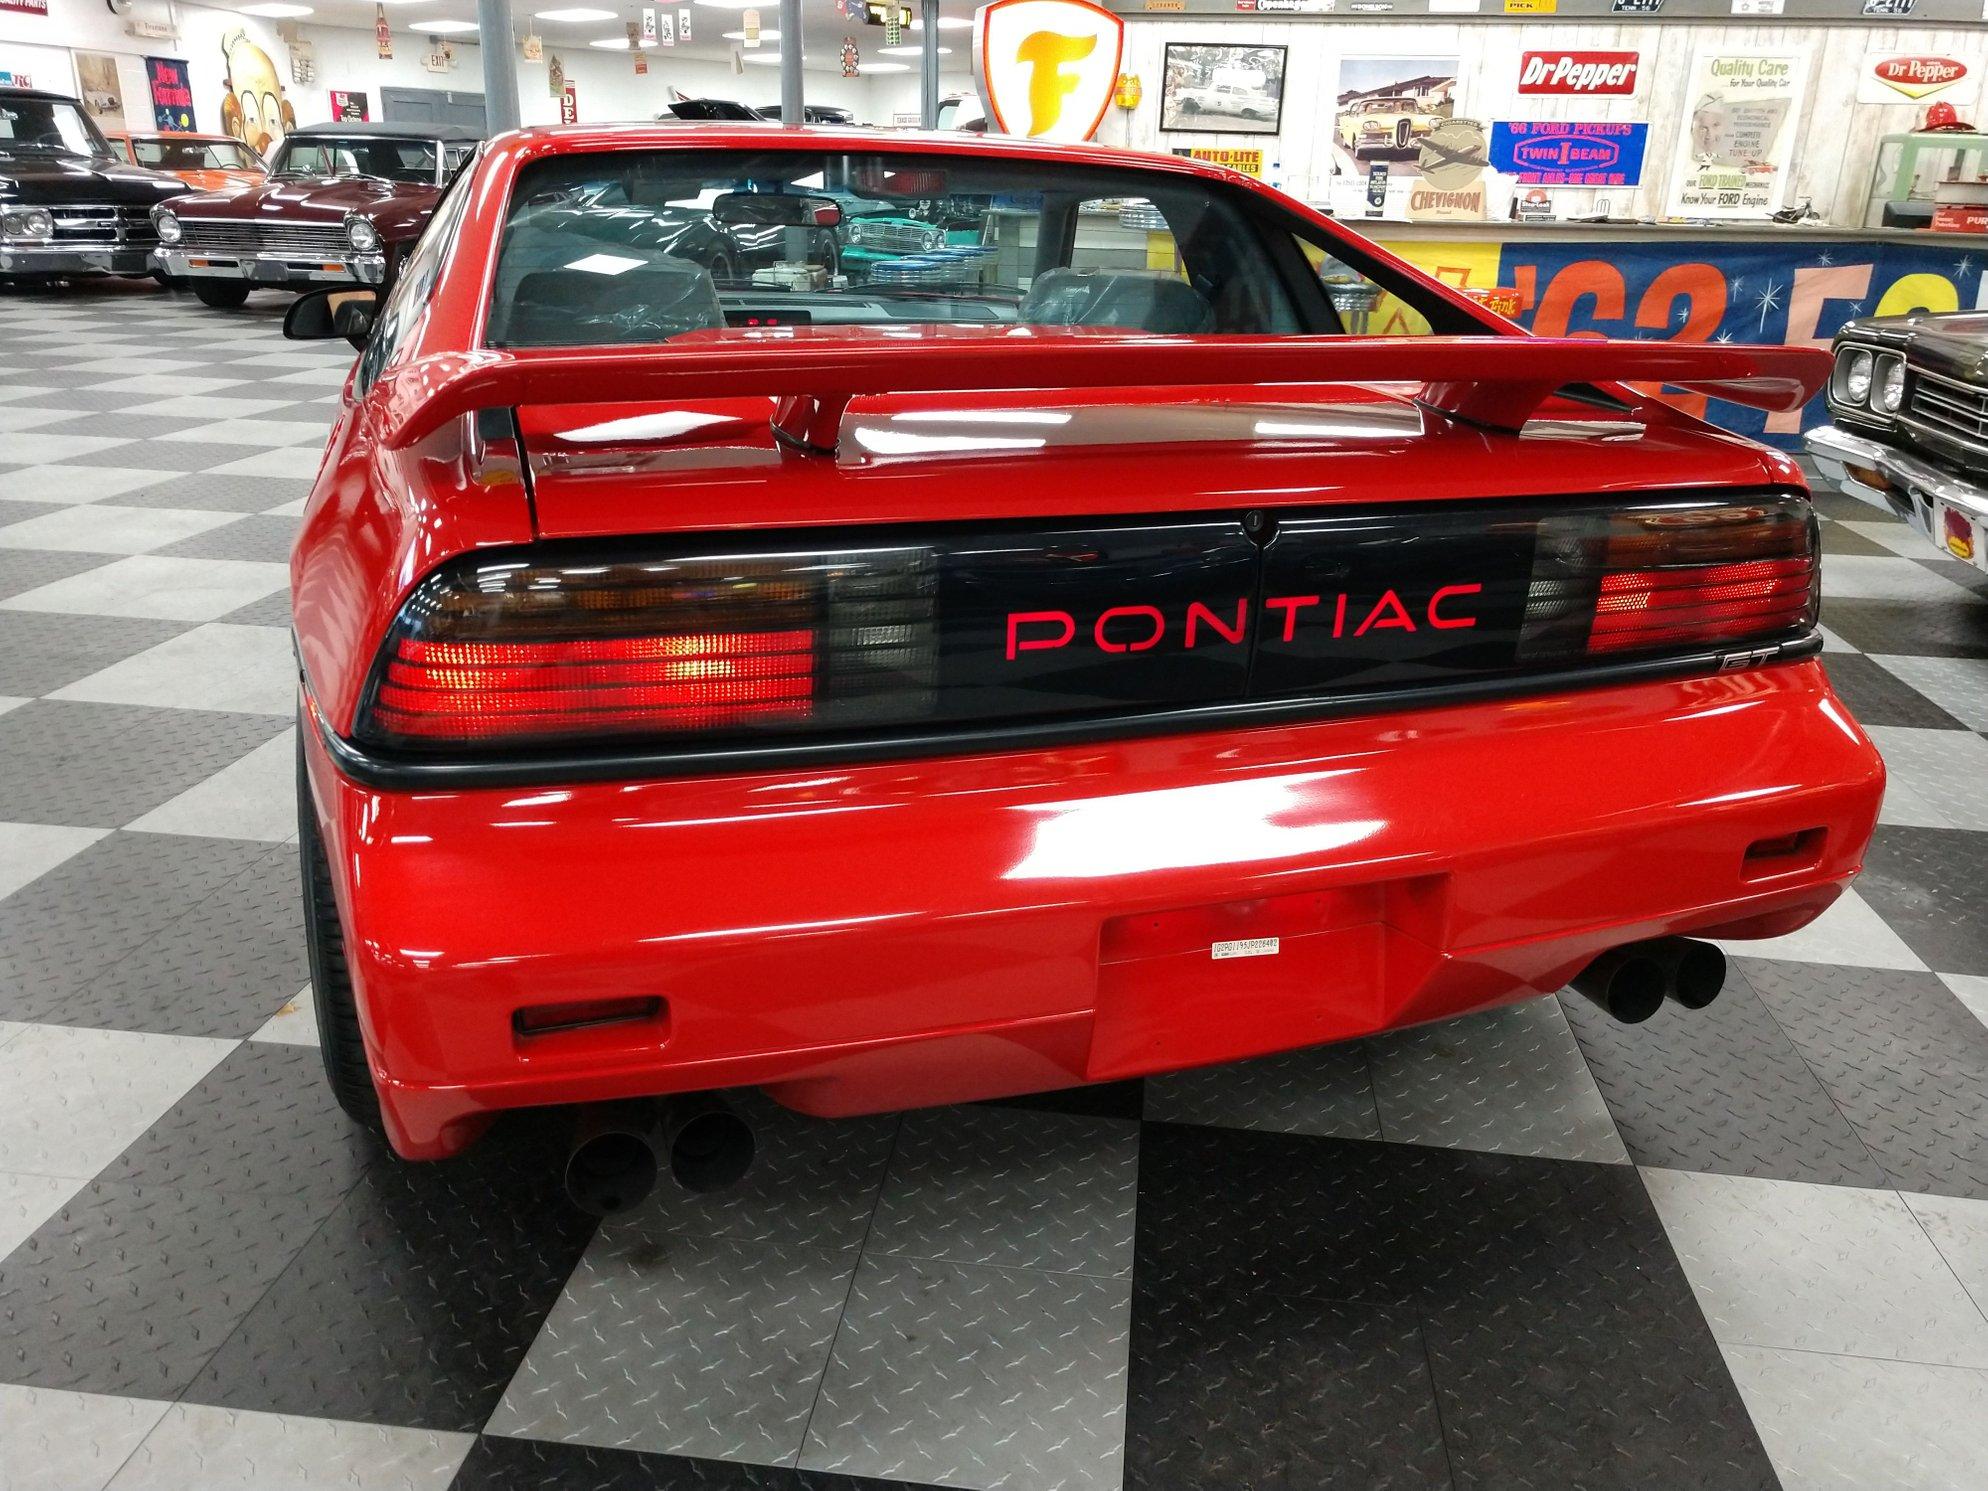 1988 pontiac fiero gt rear